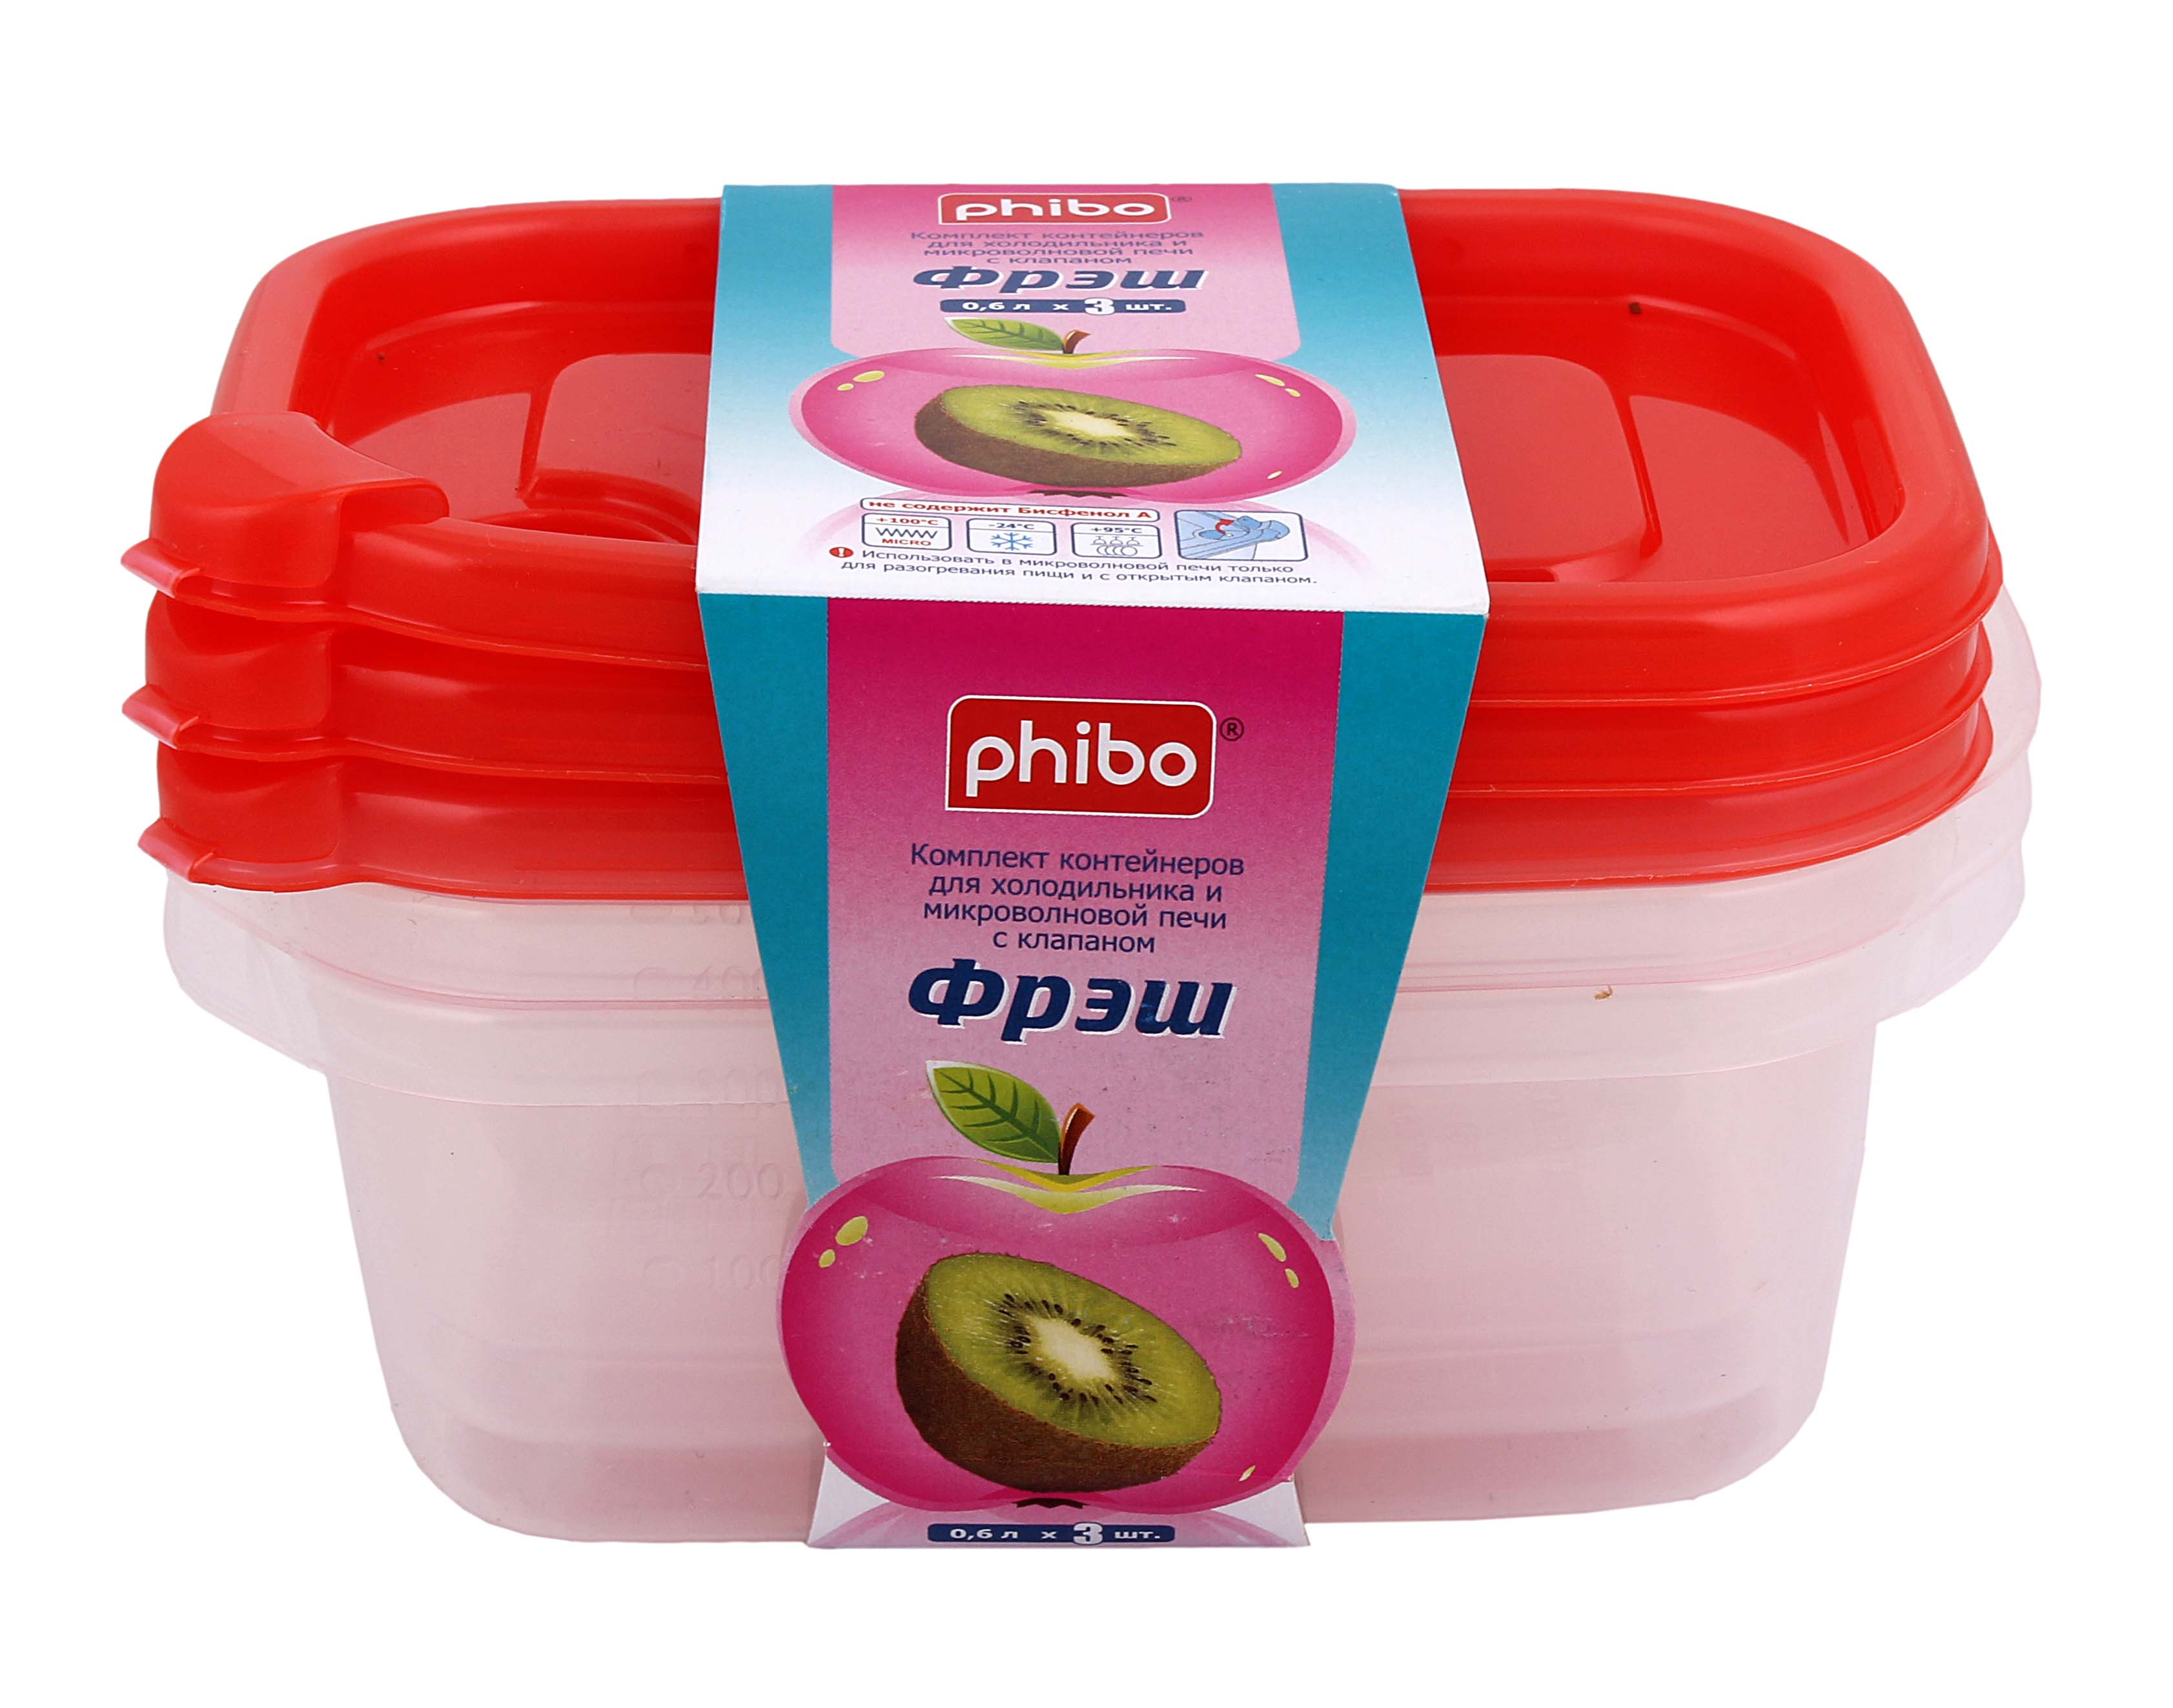 Пластиковая посуда для СВЧ Бытпласт Real Brand Technics 189.000